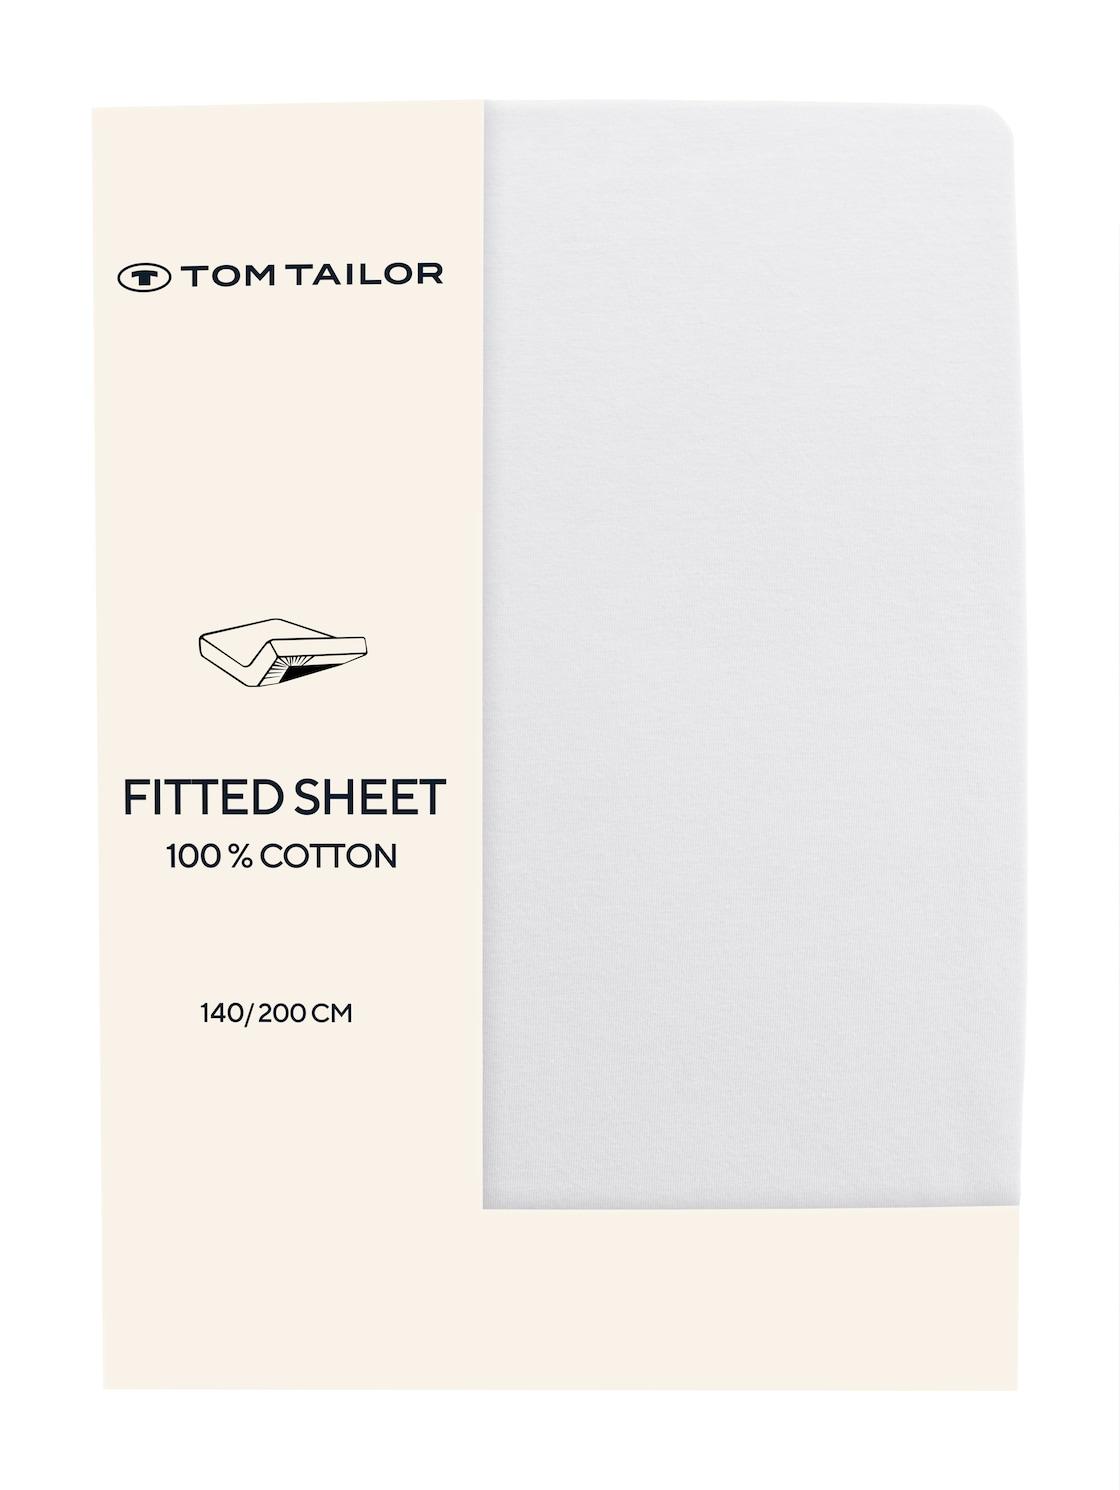 TOM TAILOR TOM TAILOR Unisex Spannbettlaken aus Jersey,  white, Größe: 140/200, weiß, unifarben, Gr 140/200